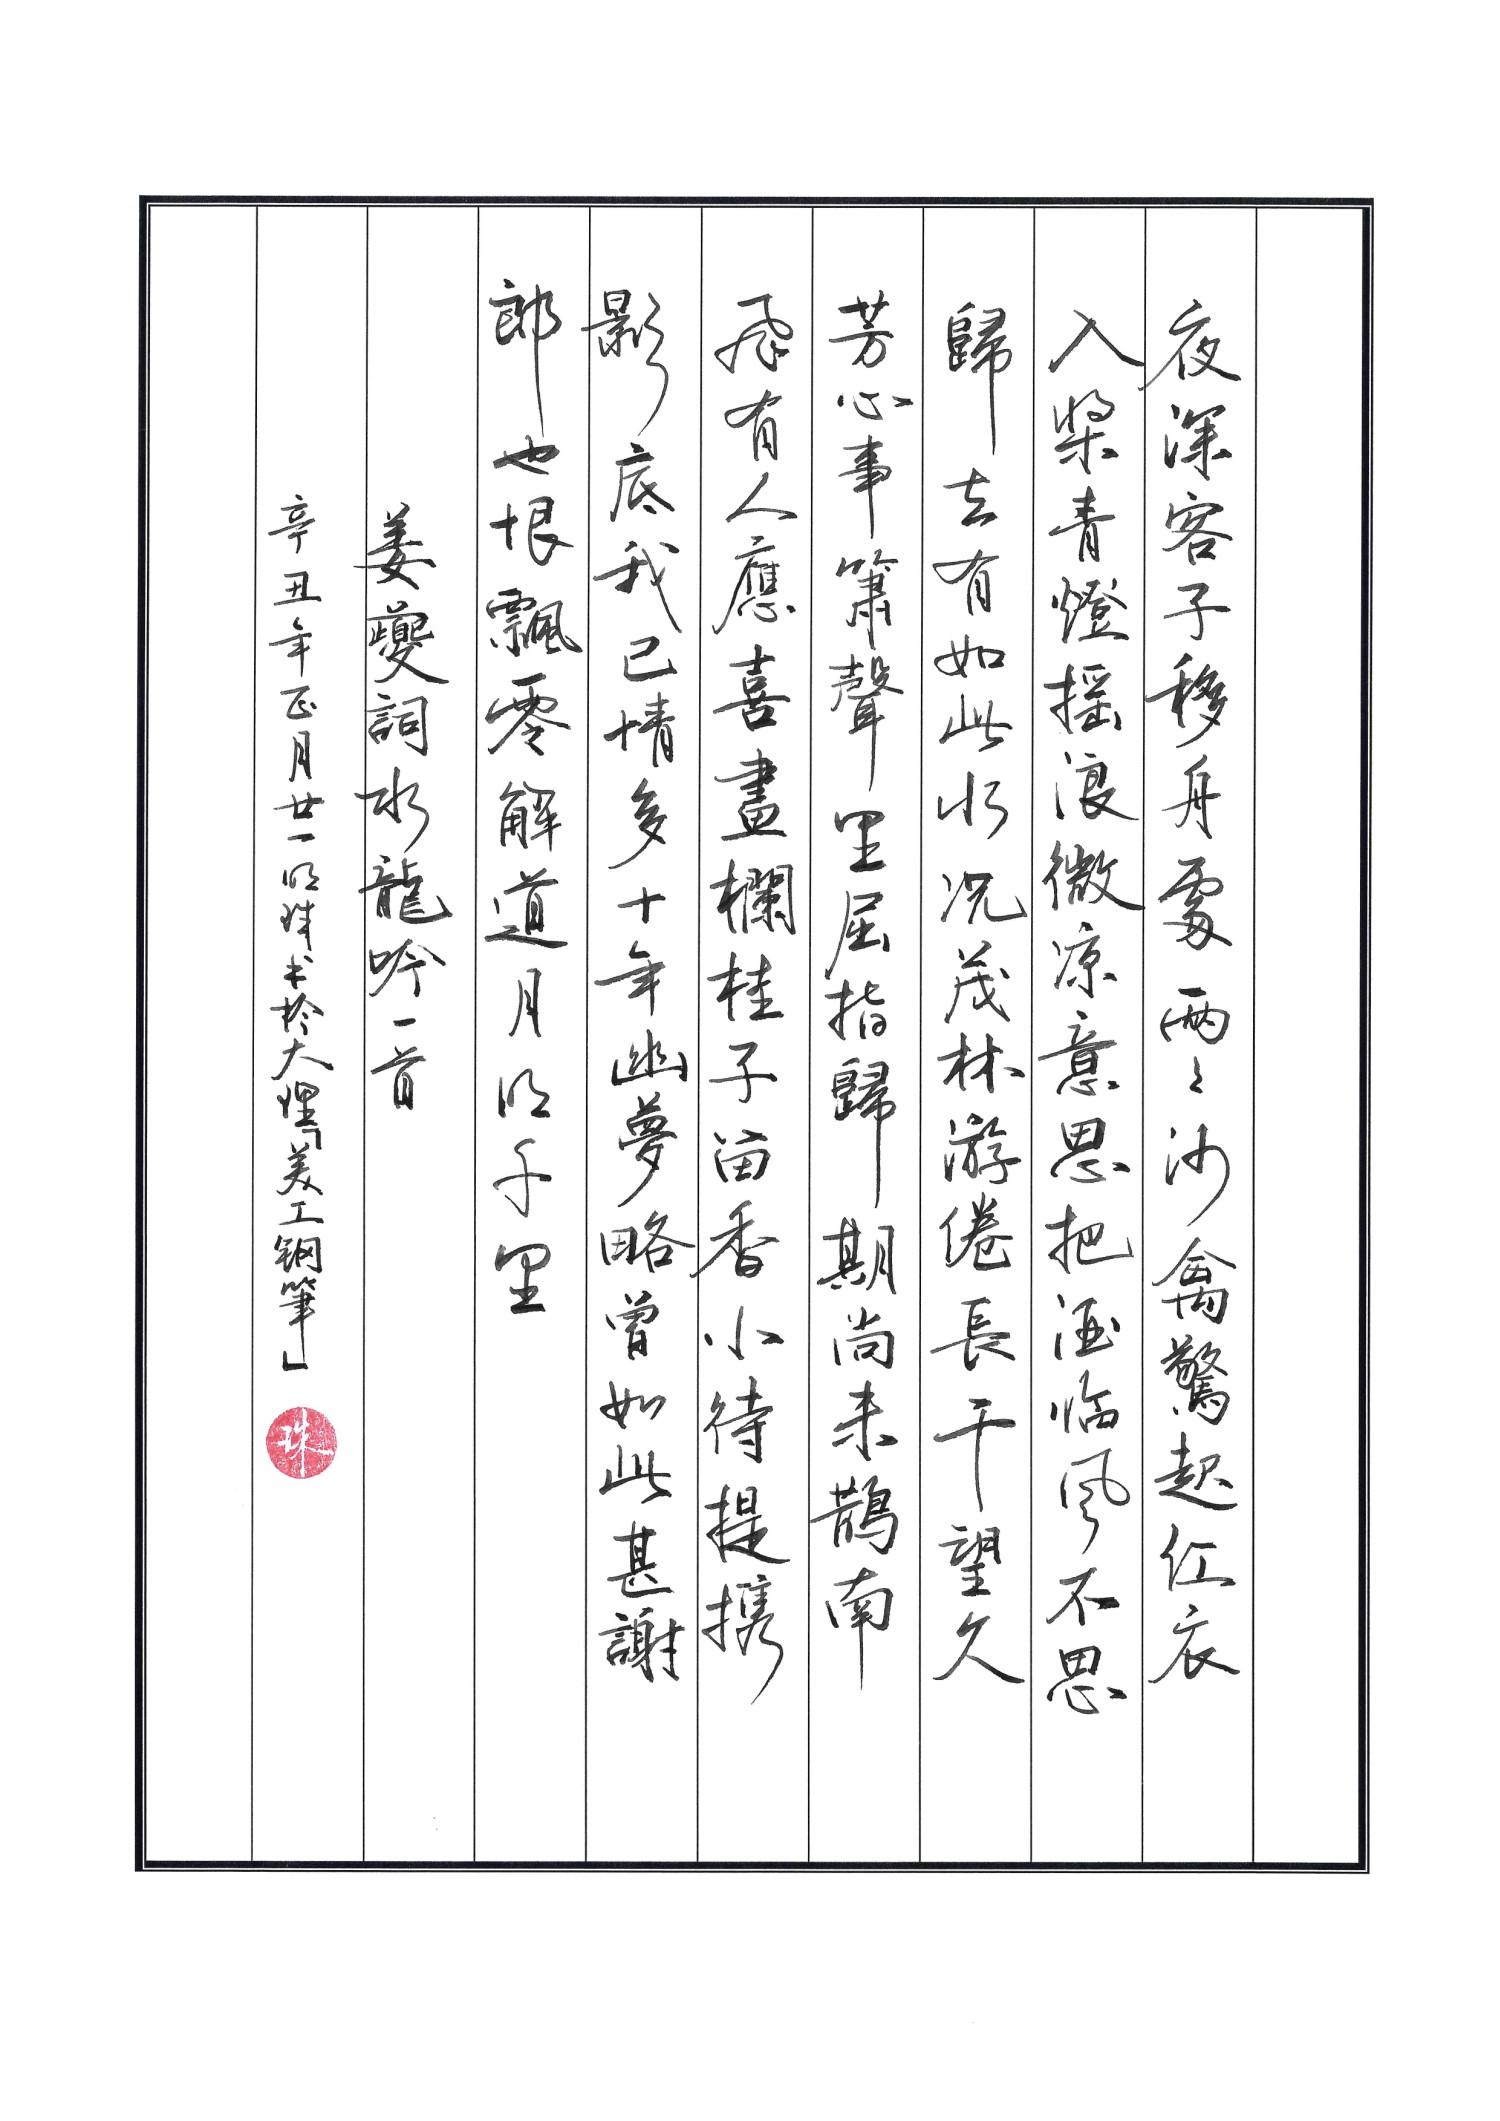 钢笔爱好者练字打卡20210309-15